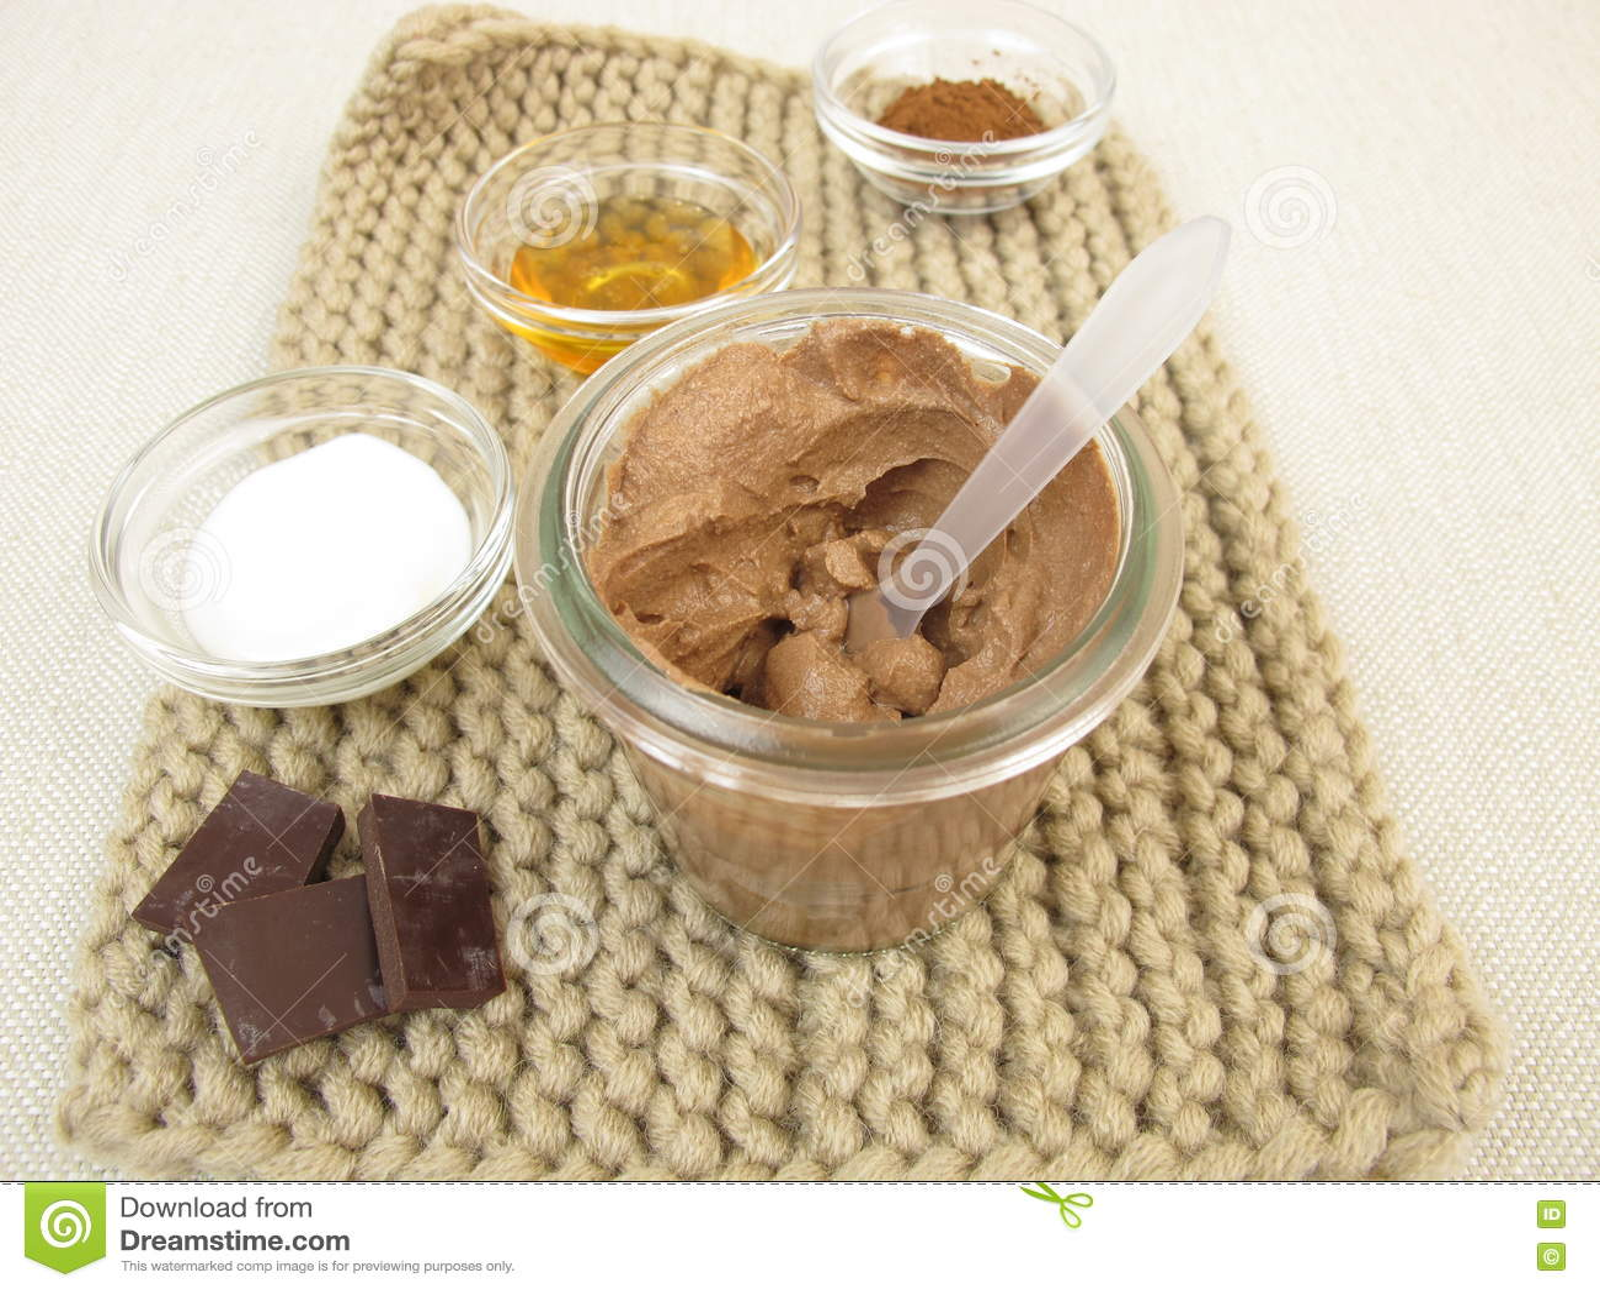 Maschera del cioccolato con yogurt e miele